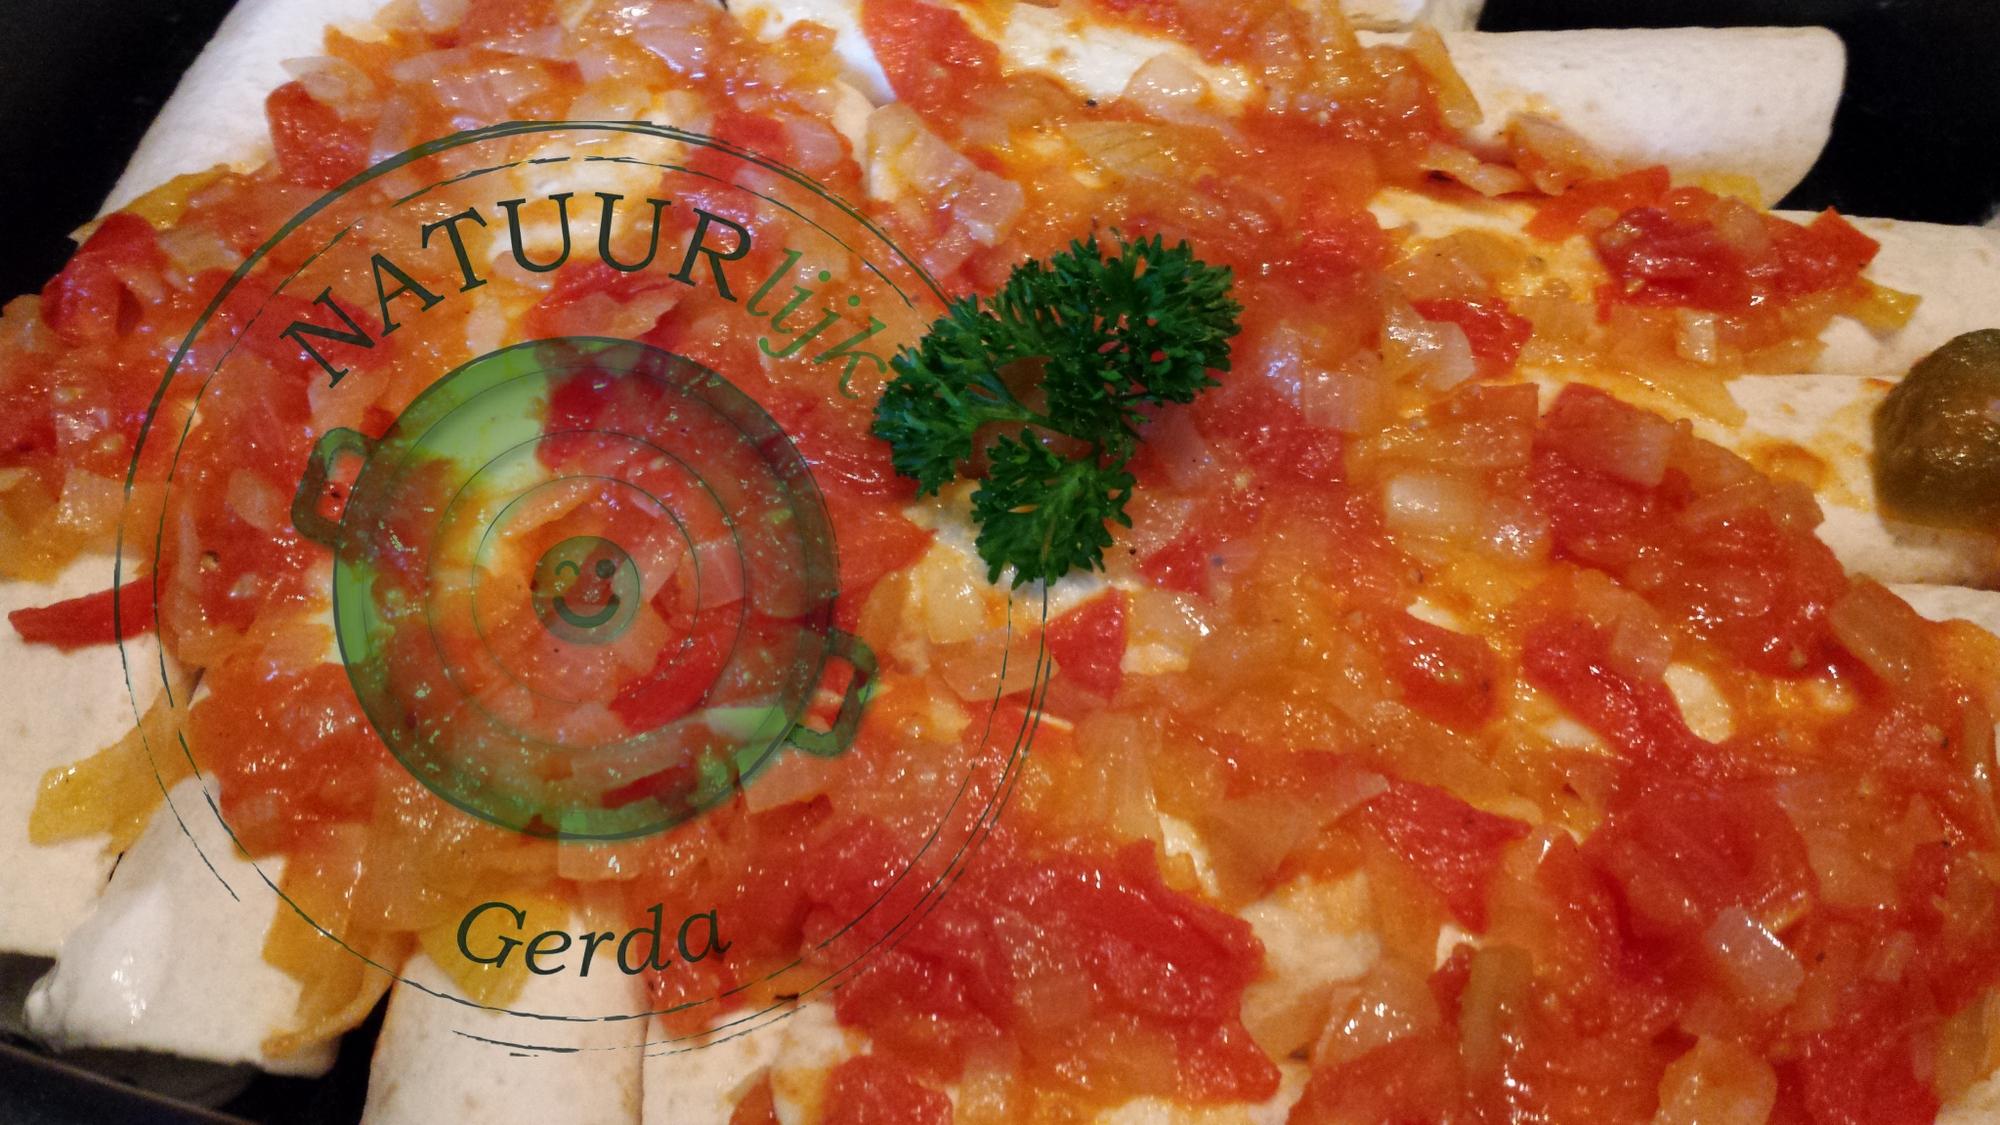 Gerda's recept uit de schatkist van Madeira